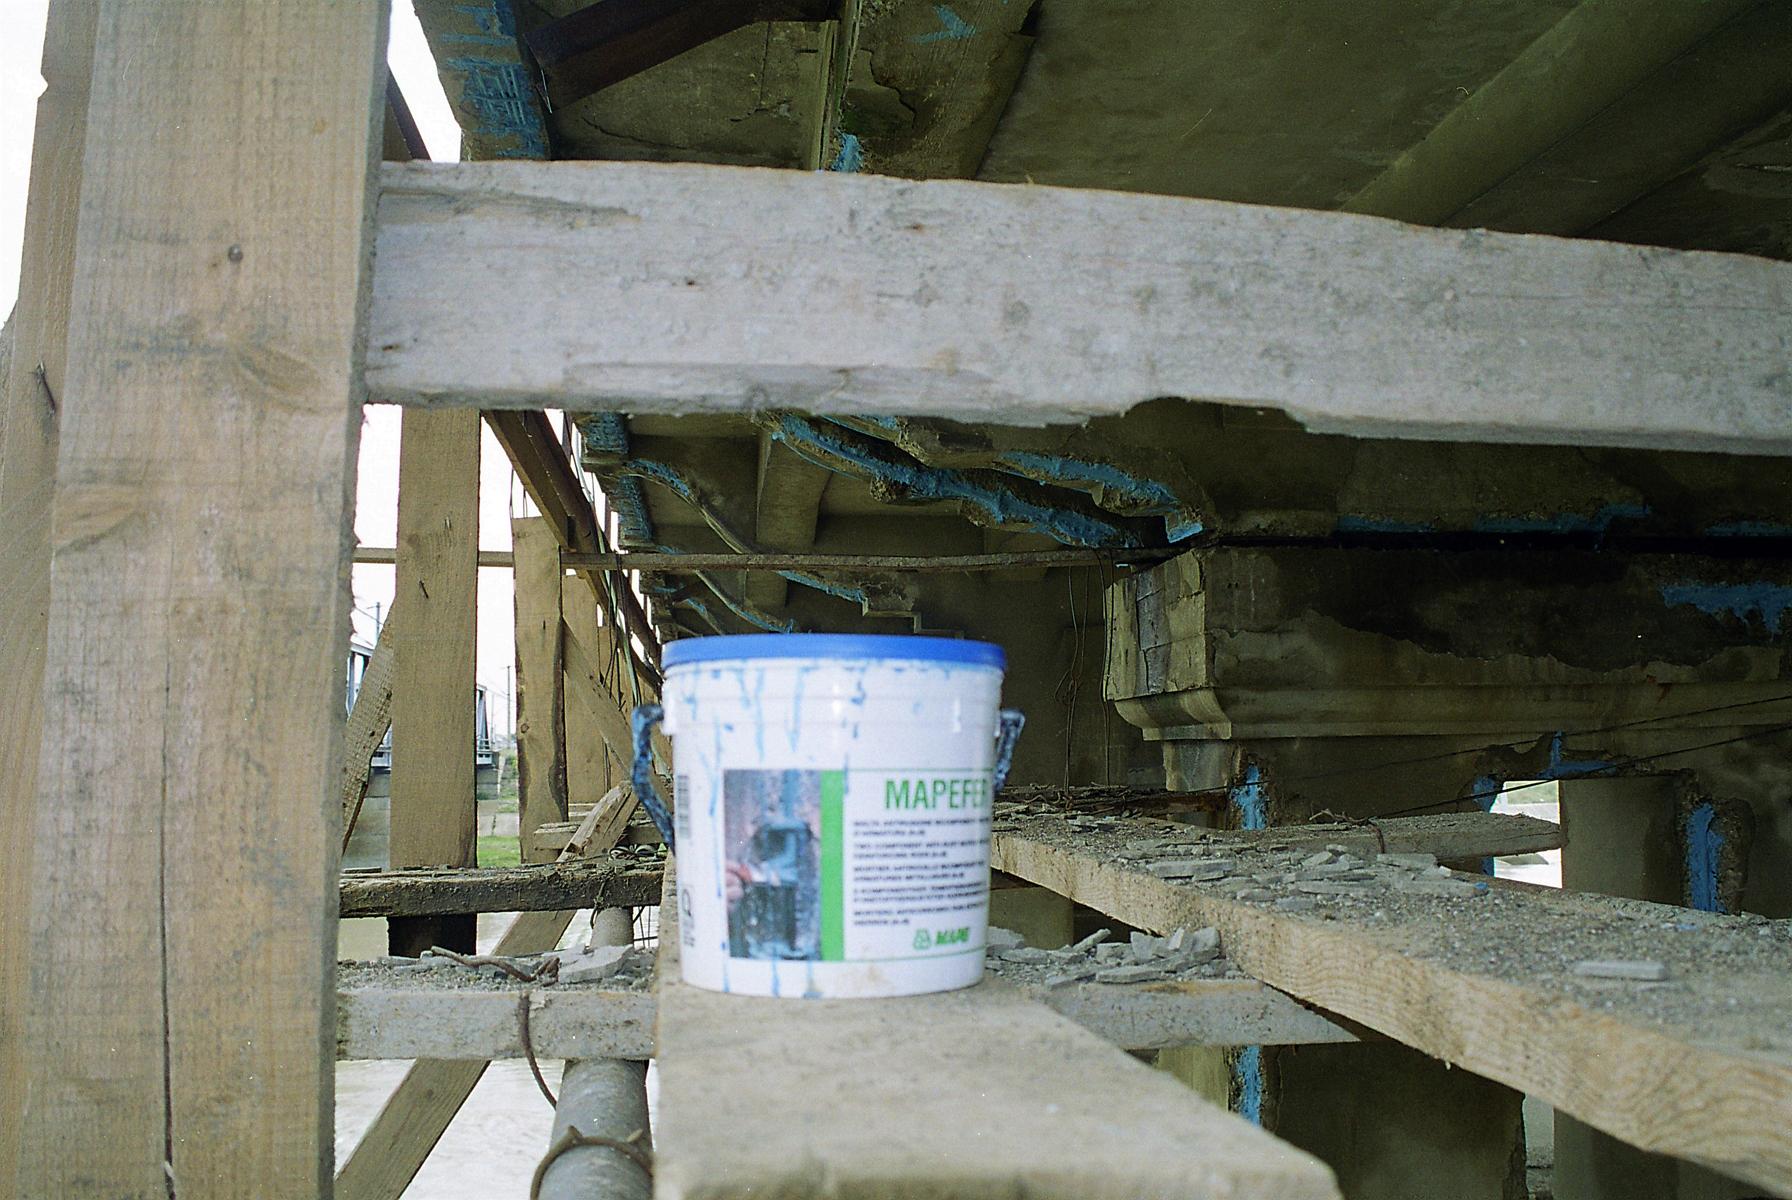 Reparatii pod peste raul Siret MAPEI - Poza 3